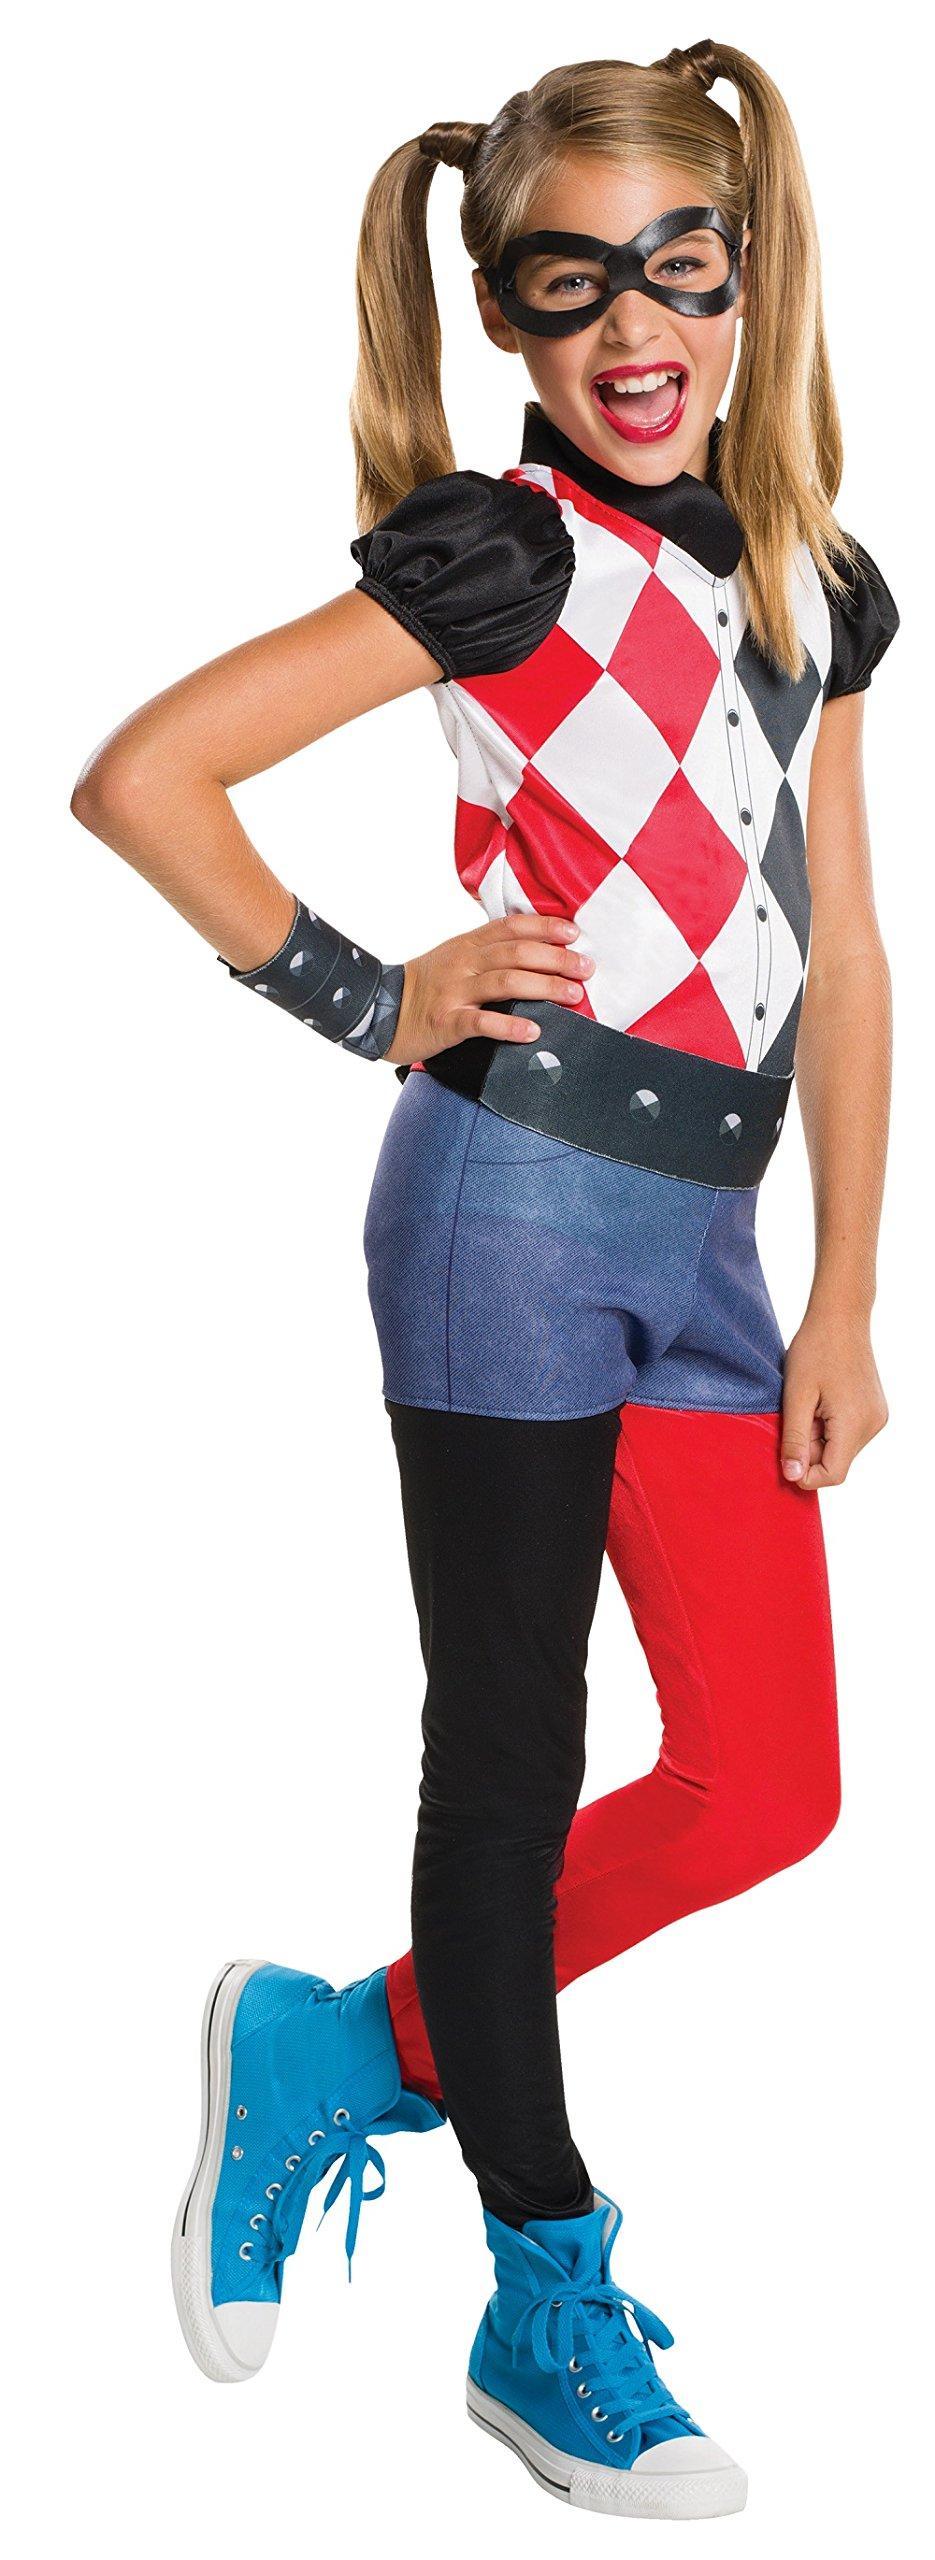 Rubies Costume Superhero Harley Medium